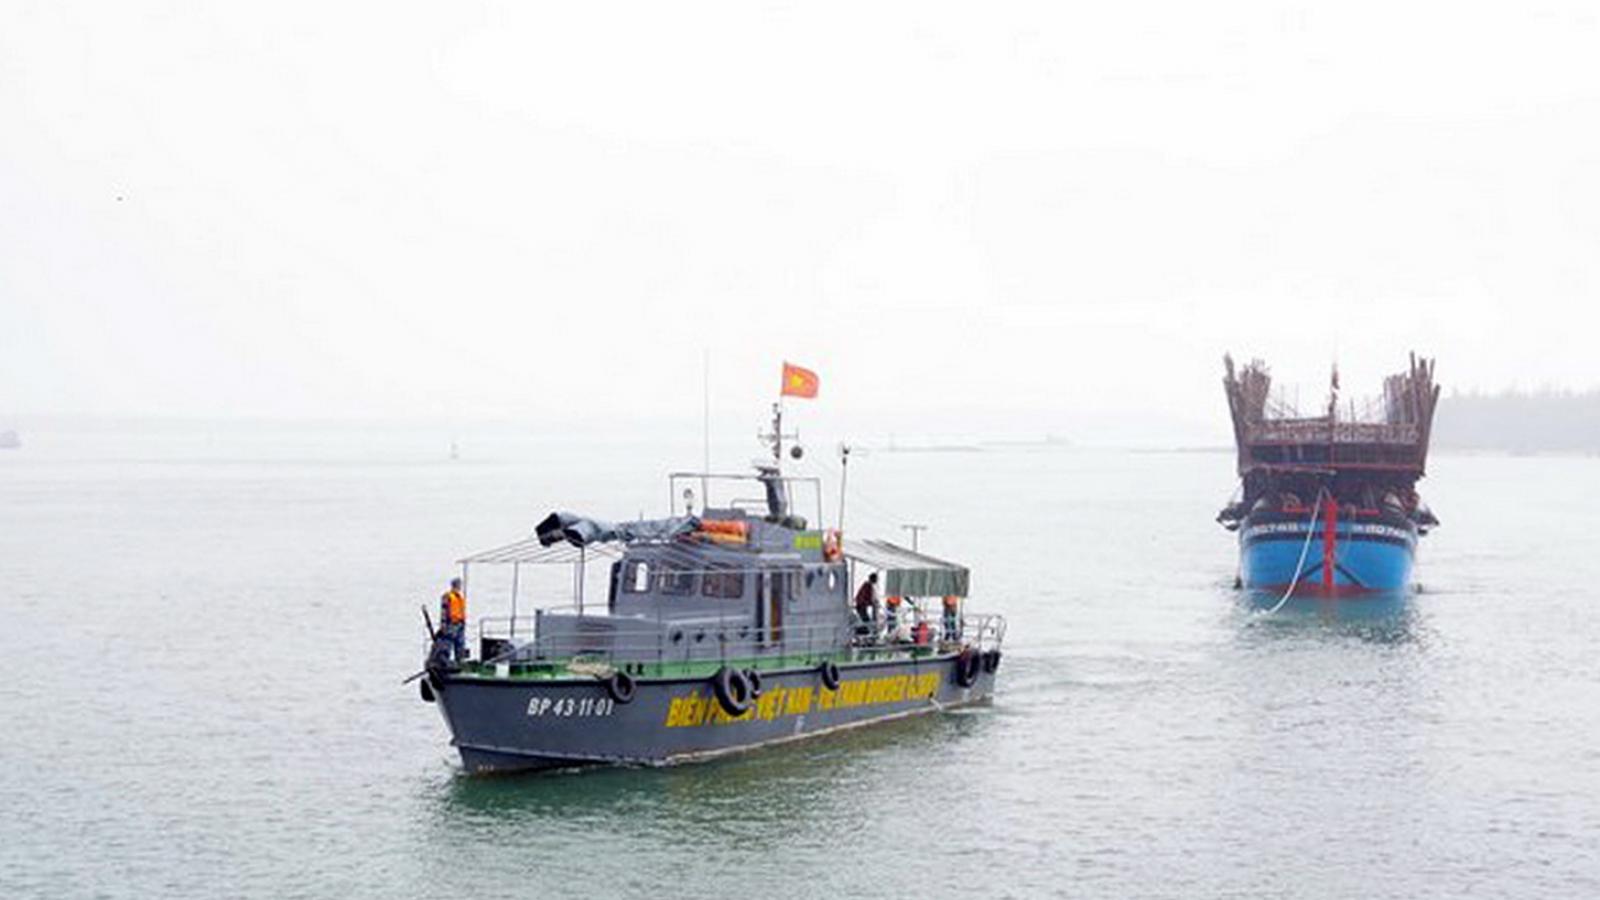 Một ngư dân Quảng Nam mất tích khi đánh bắt trên biển